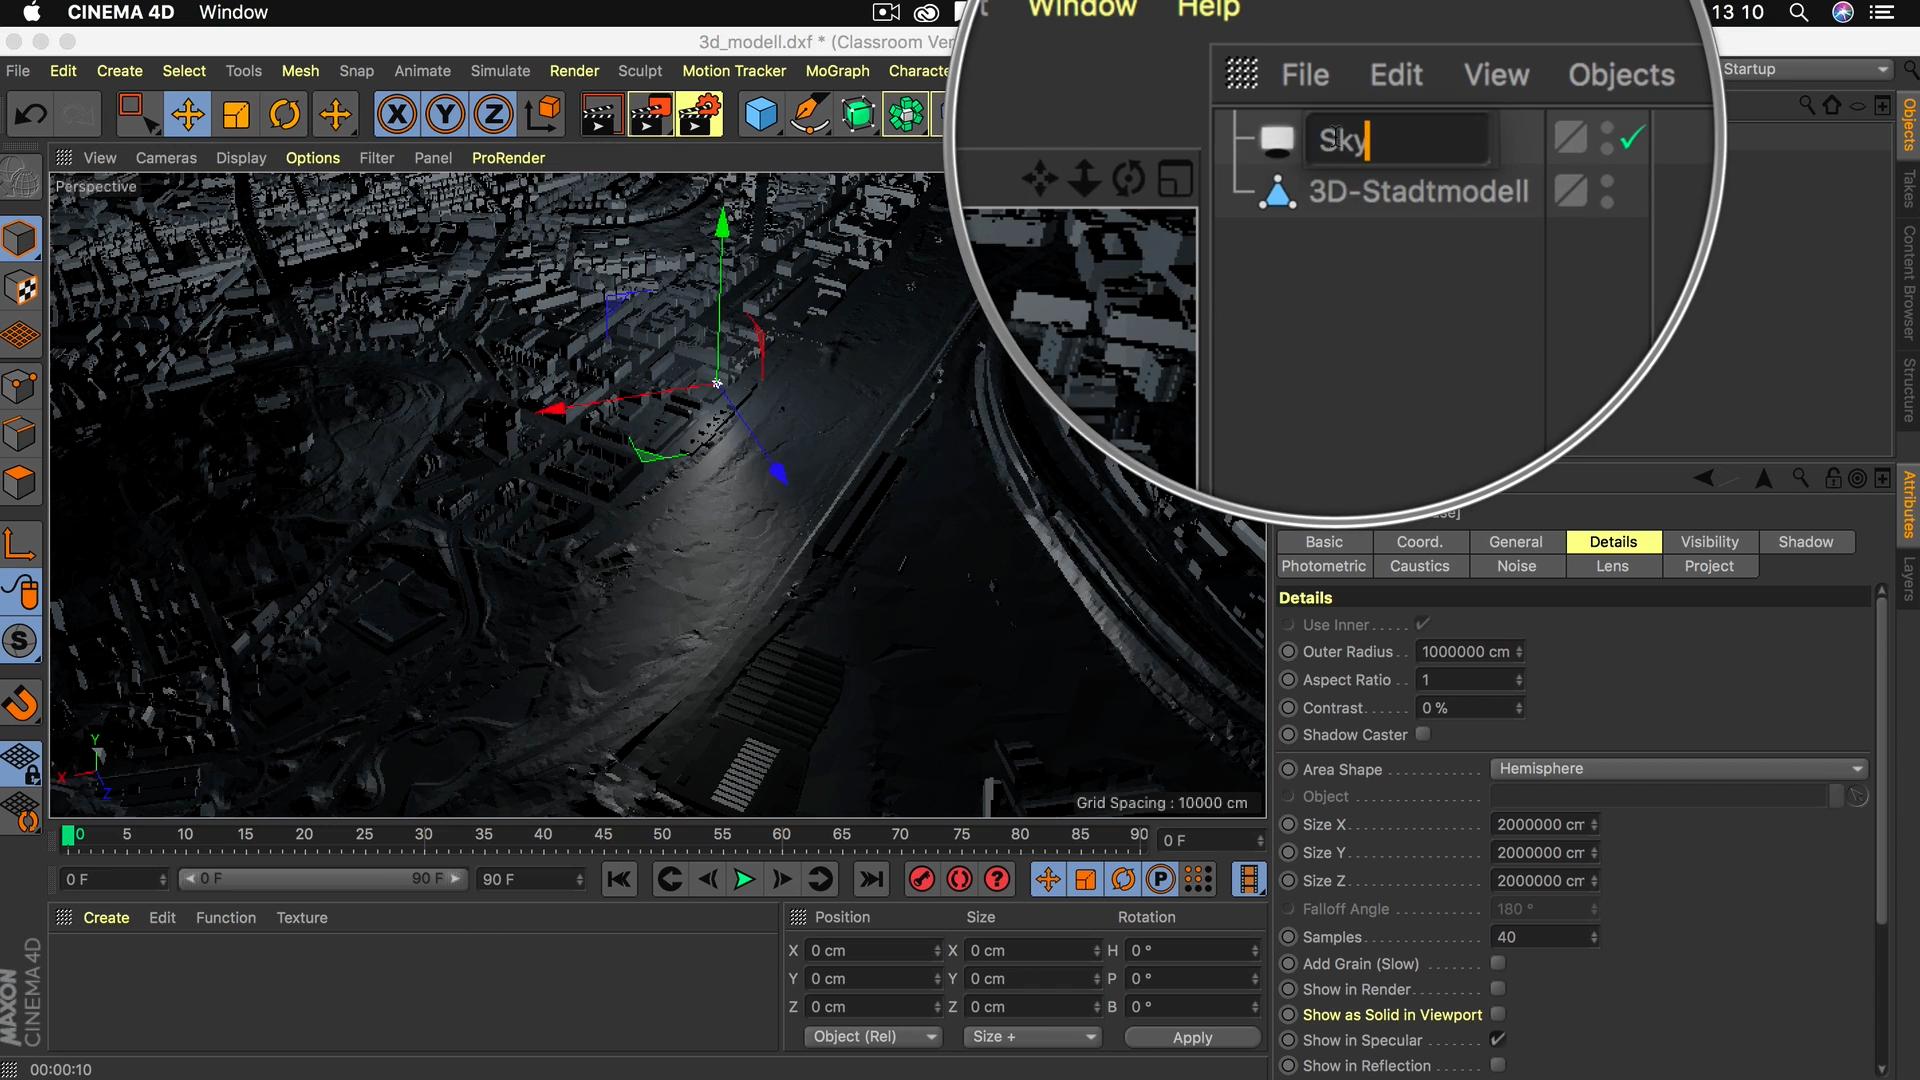 Cinema4D 3D-Stadtmodell Lichtquelle Name Objekt Manager umbenennen